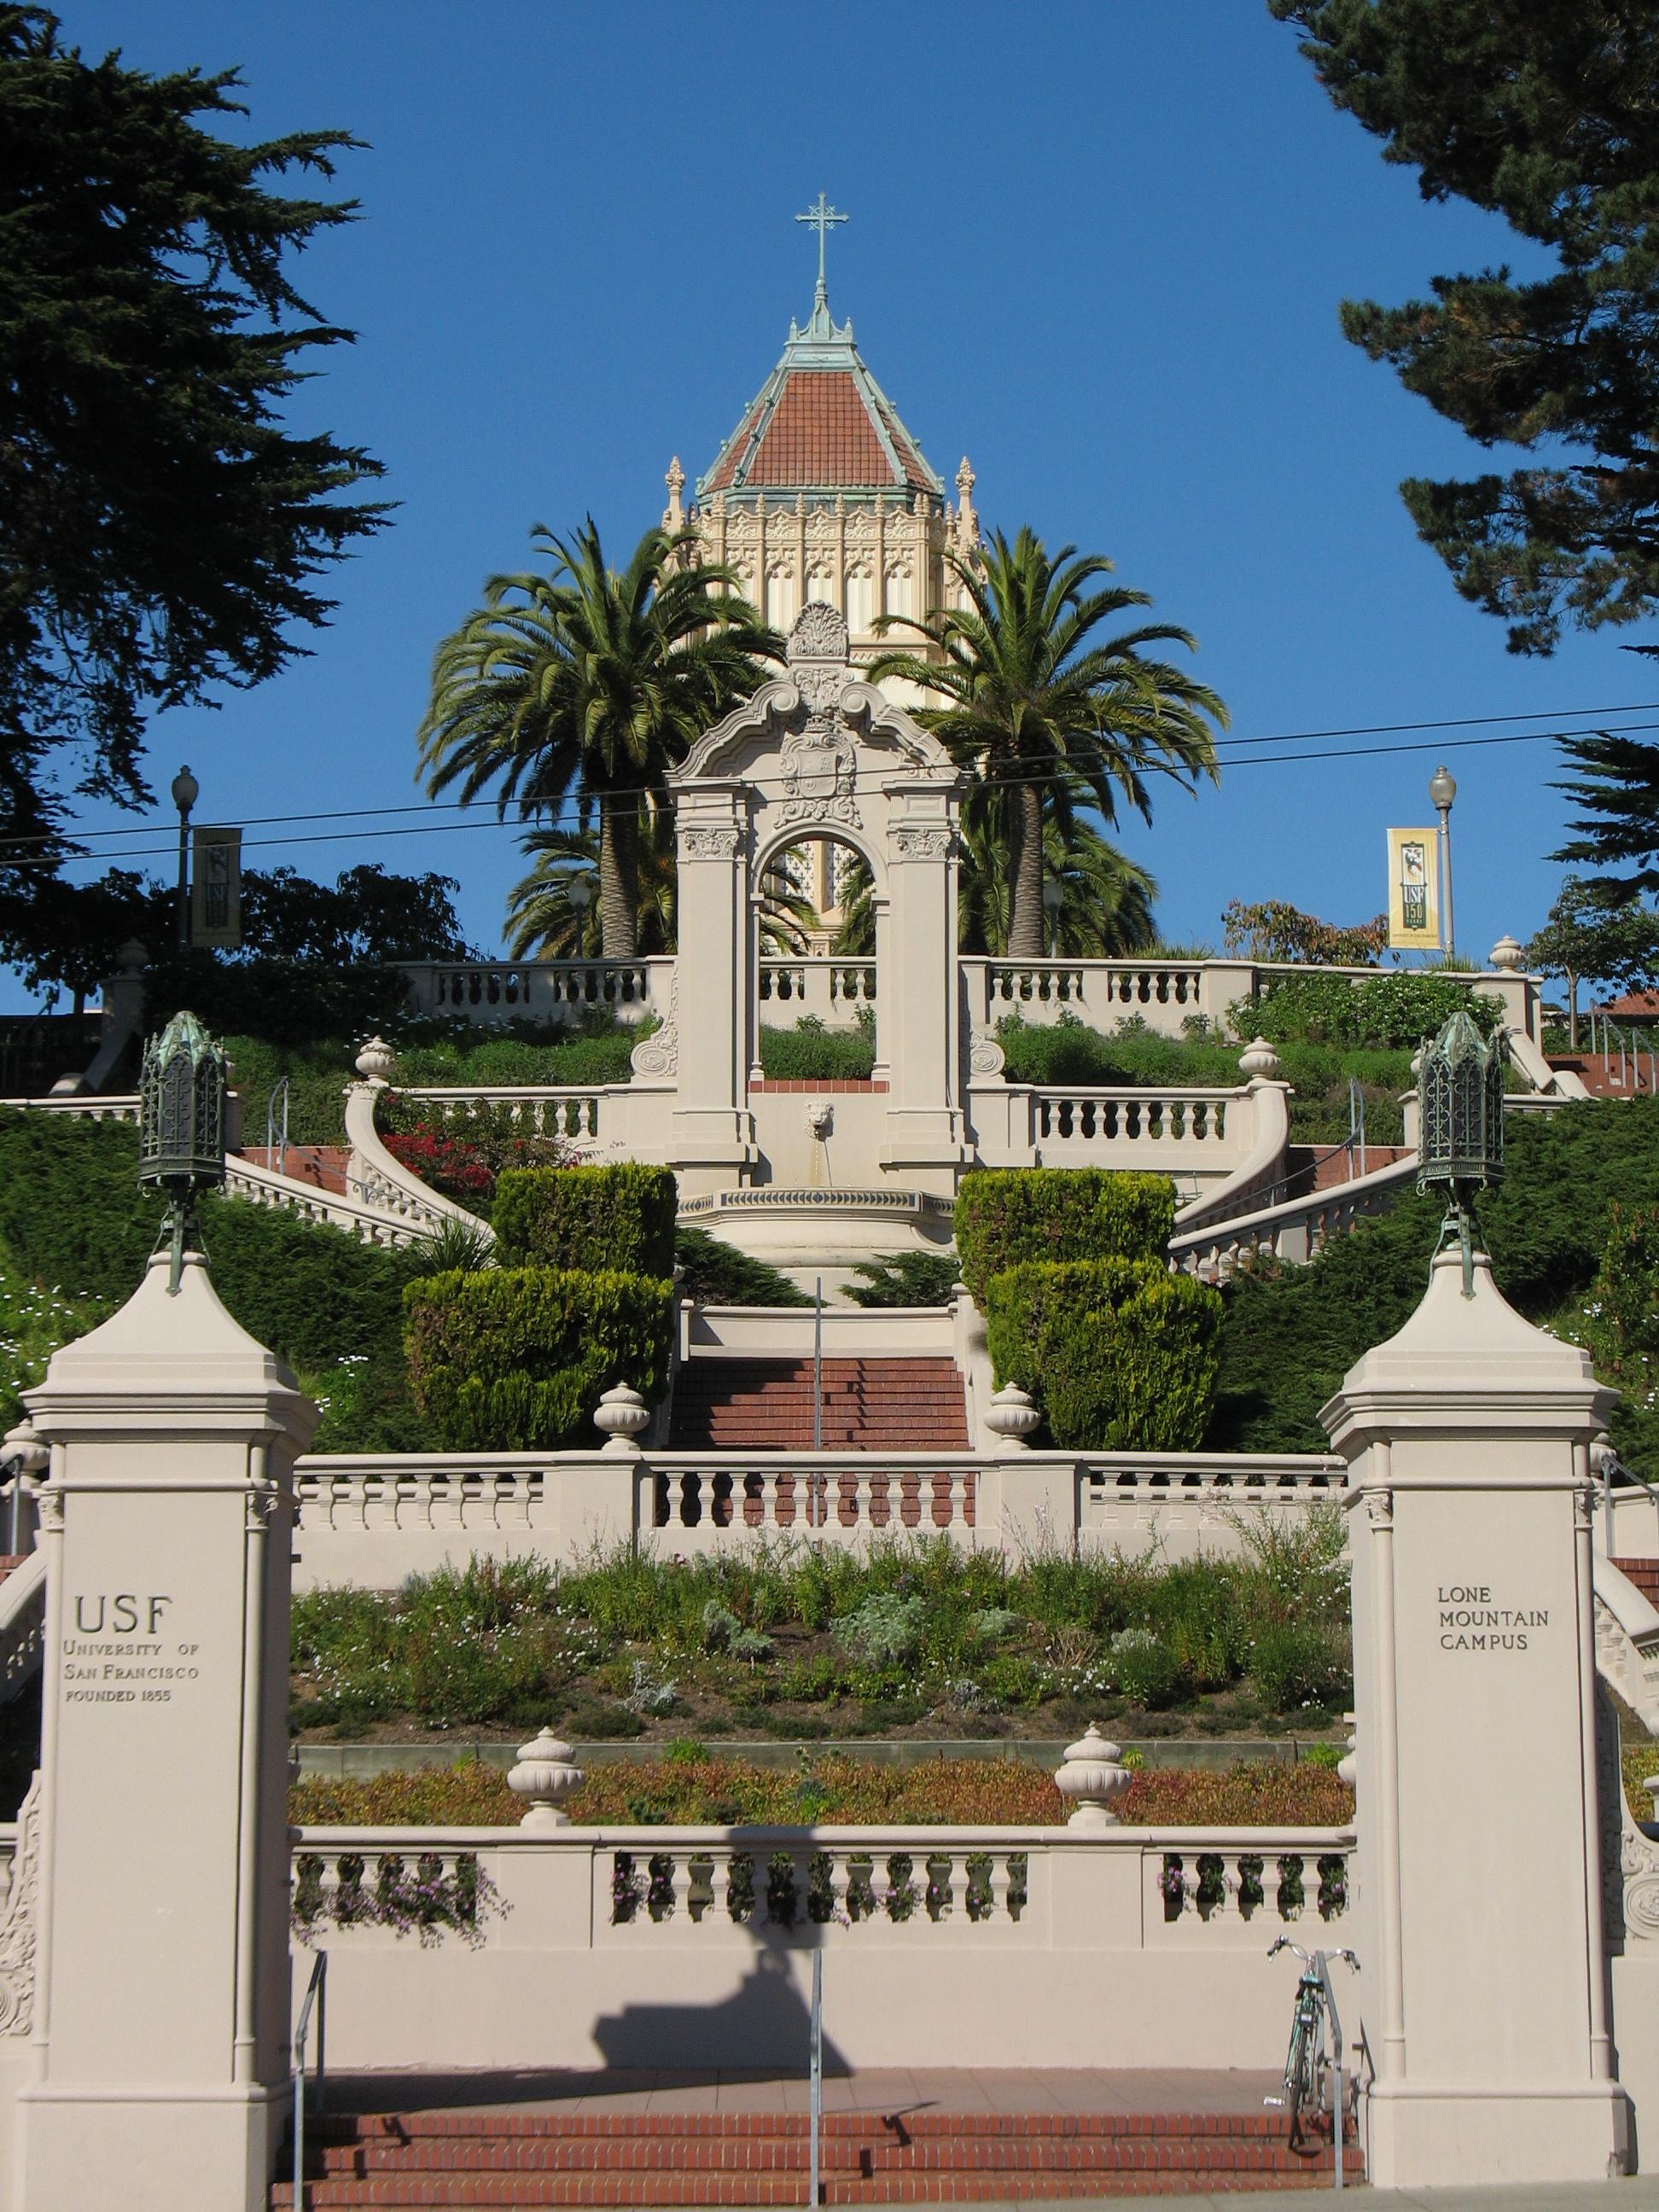 The Lone Mountain Campus of University of San Francisco, a Jesuit Catholic university.